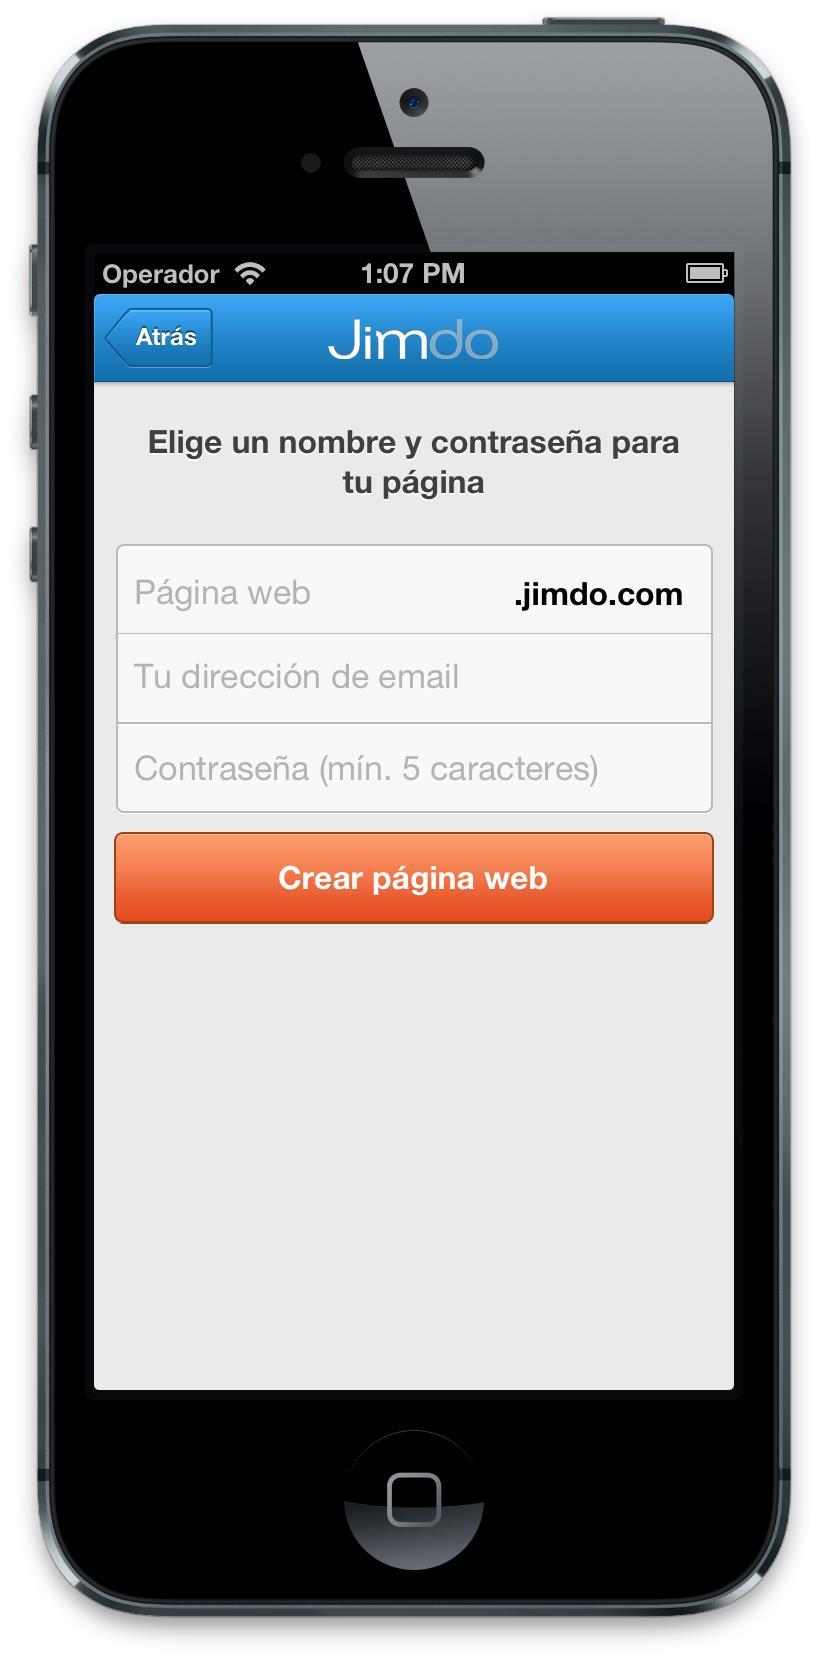 Jimdo App iOS4